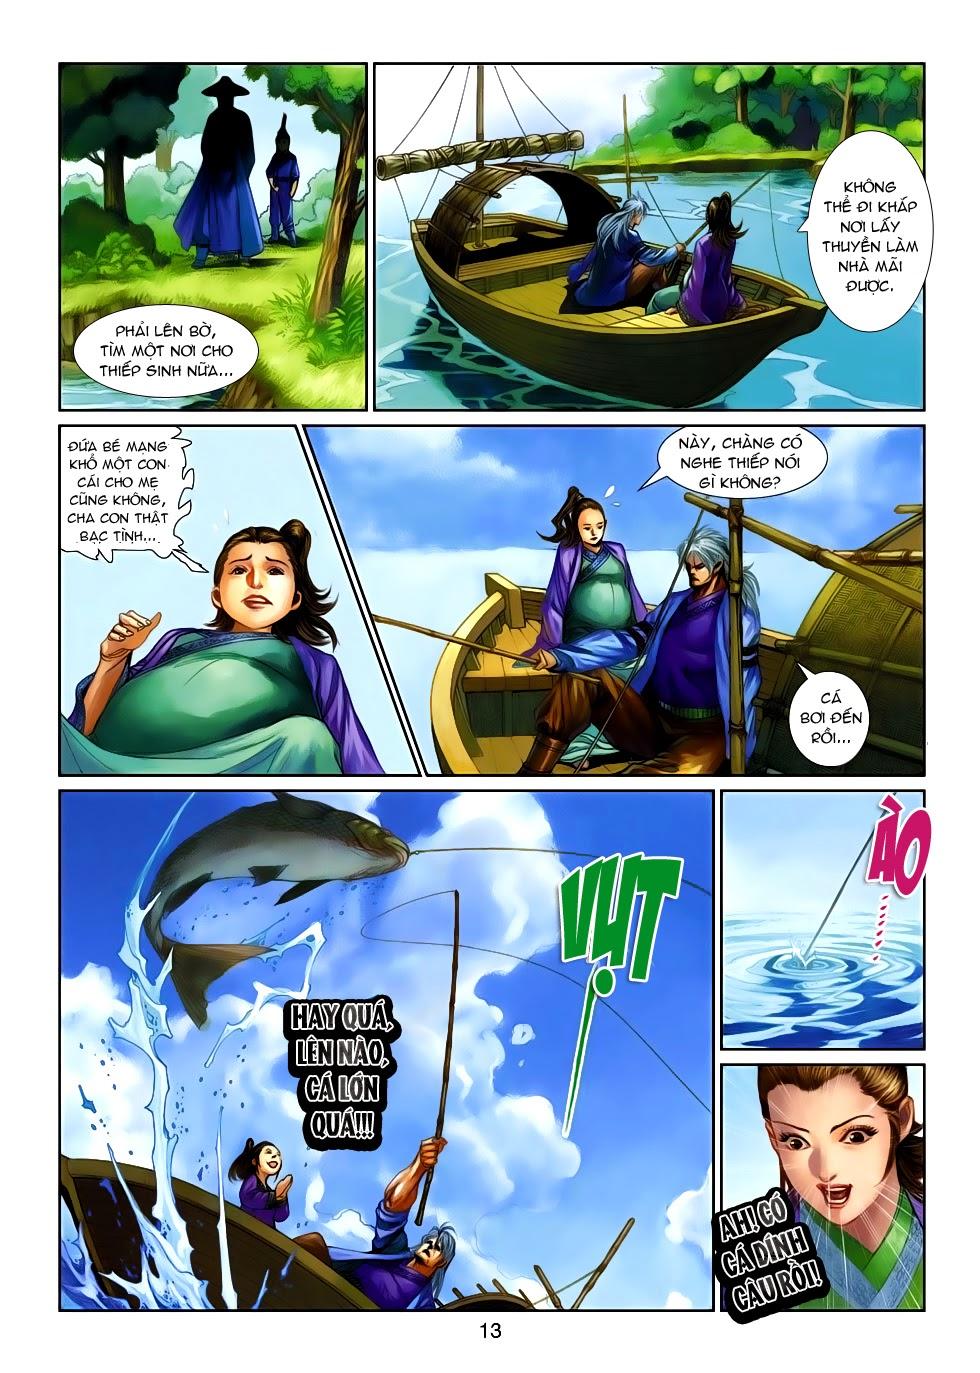 Thần Binh Tiền Truyện 4 - Huyền Thiên Tà Đế chap 14 - Trang 13